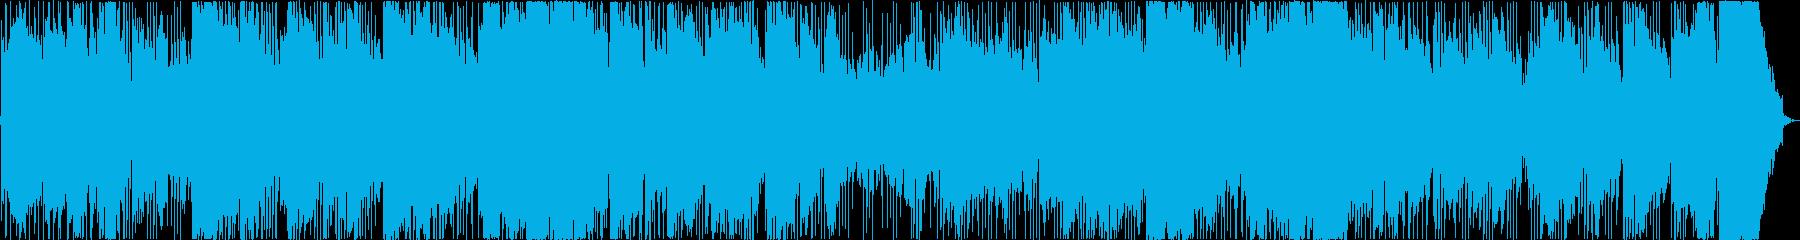 メロディックとオーケストラ。の再生済みの波形